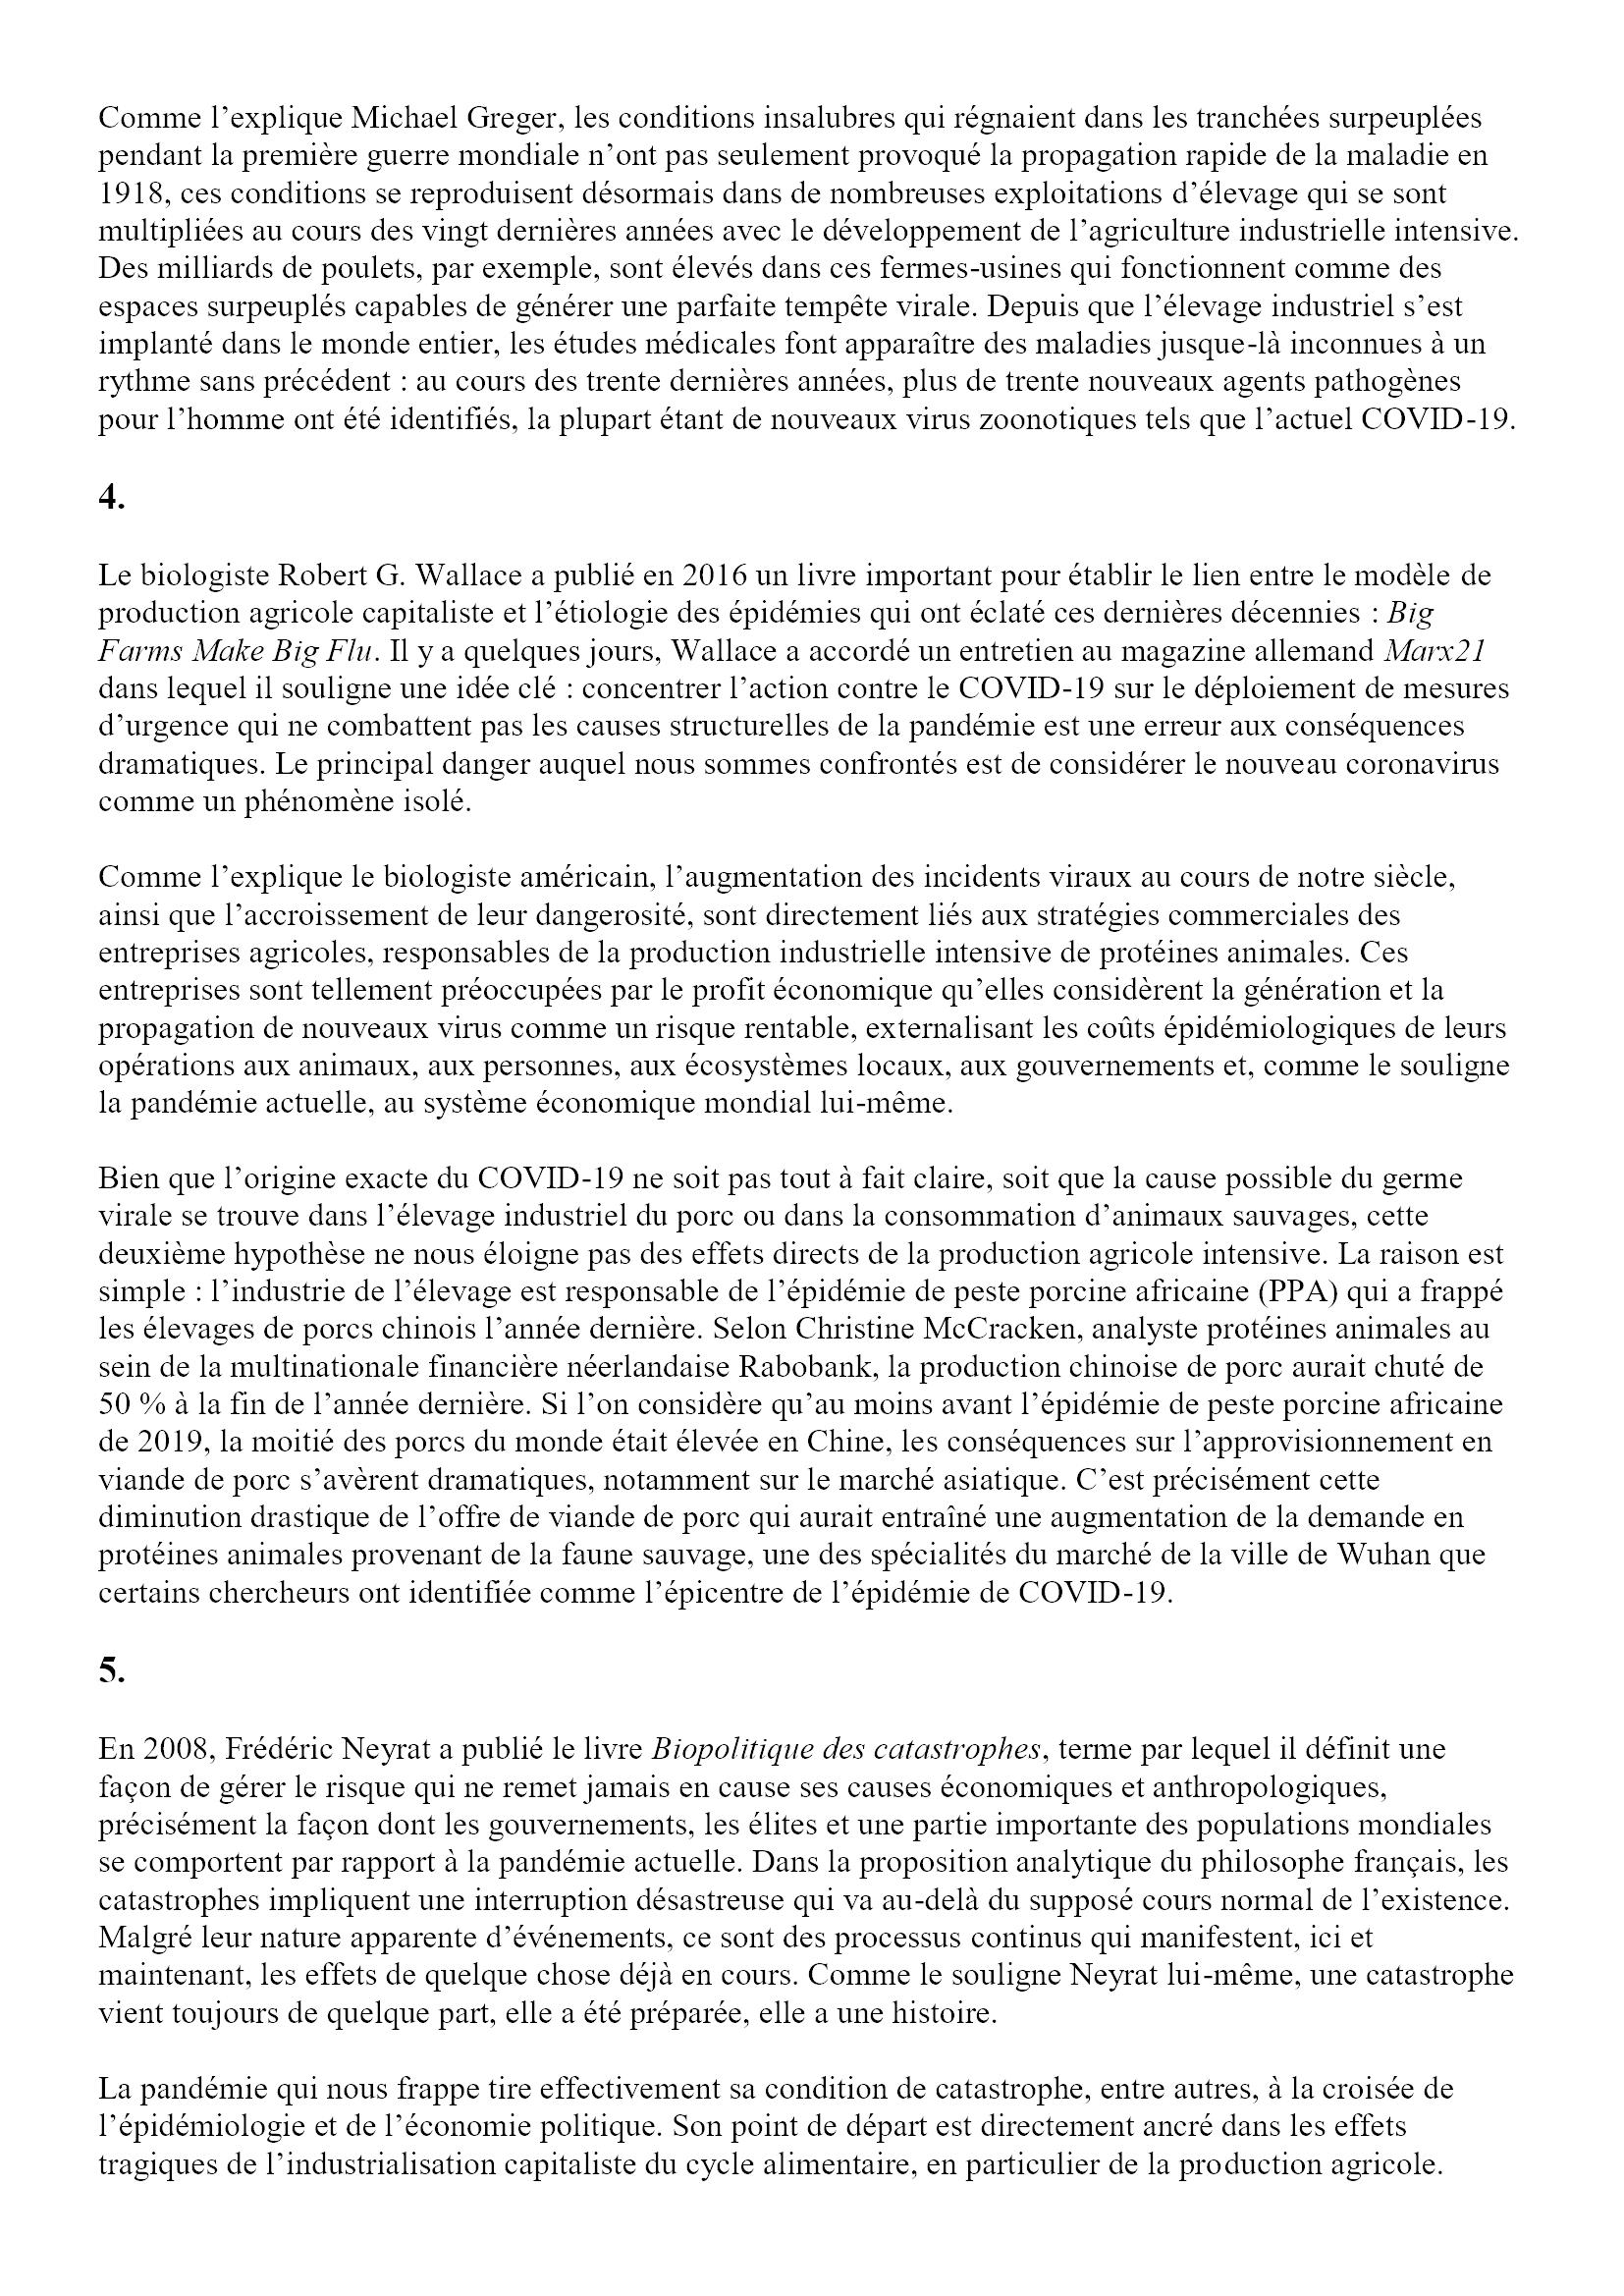 Causalité de la pandémie, caractéristiques de la catastrophe Angel Luis Lara 3x5